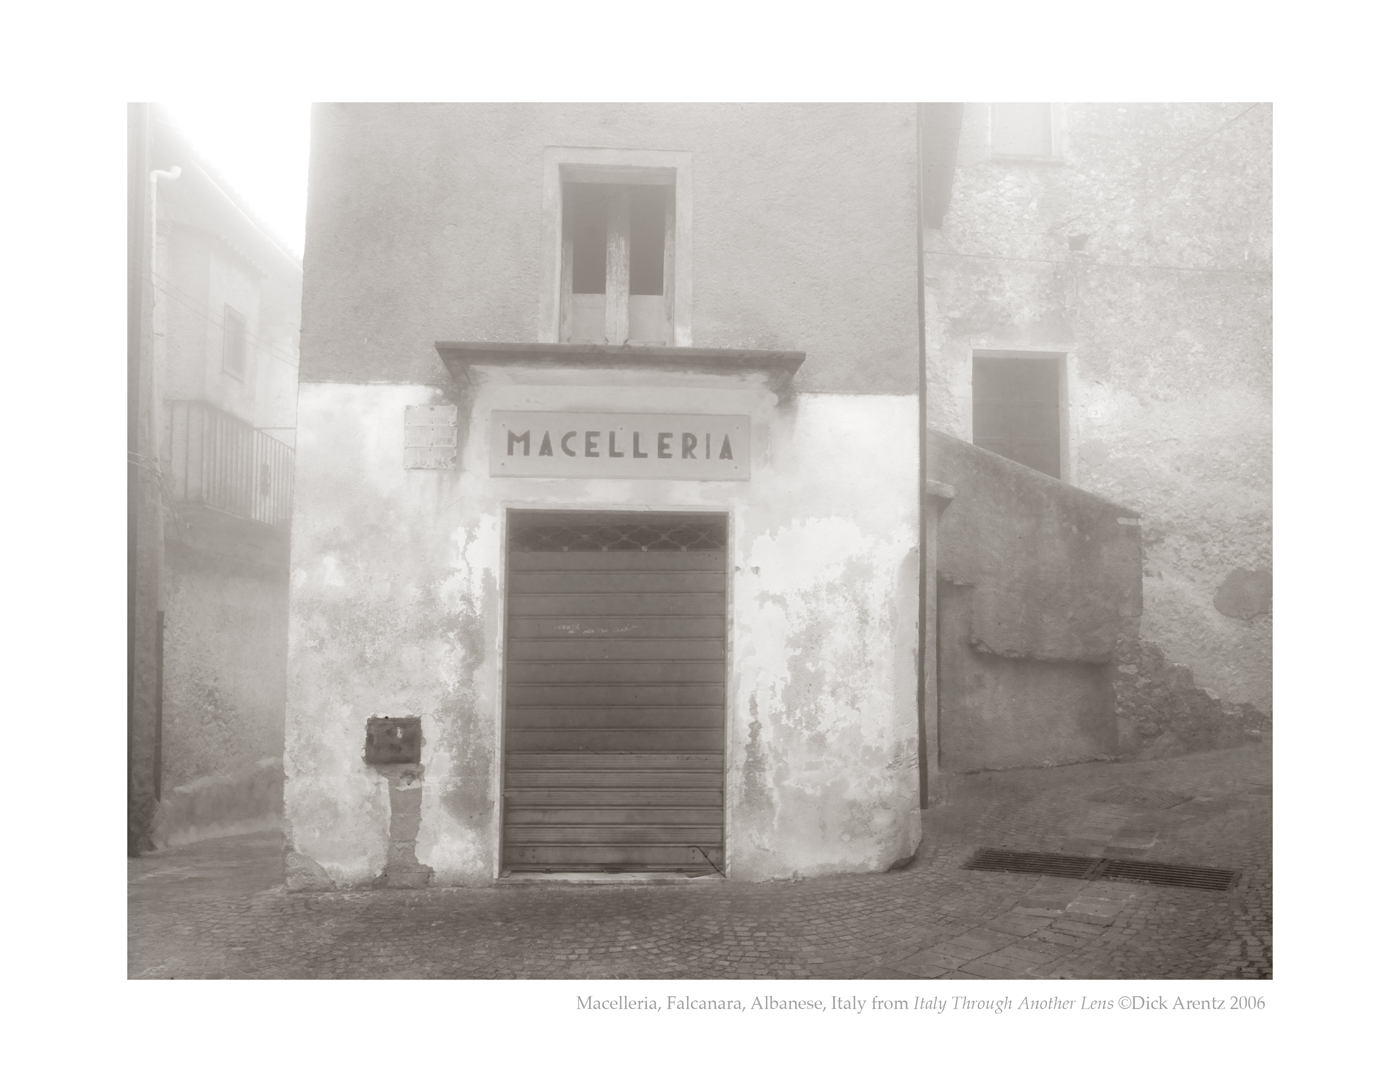 Marcelleria, Falconara, Albanese, Italy - Italy Through Another Lens